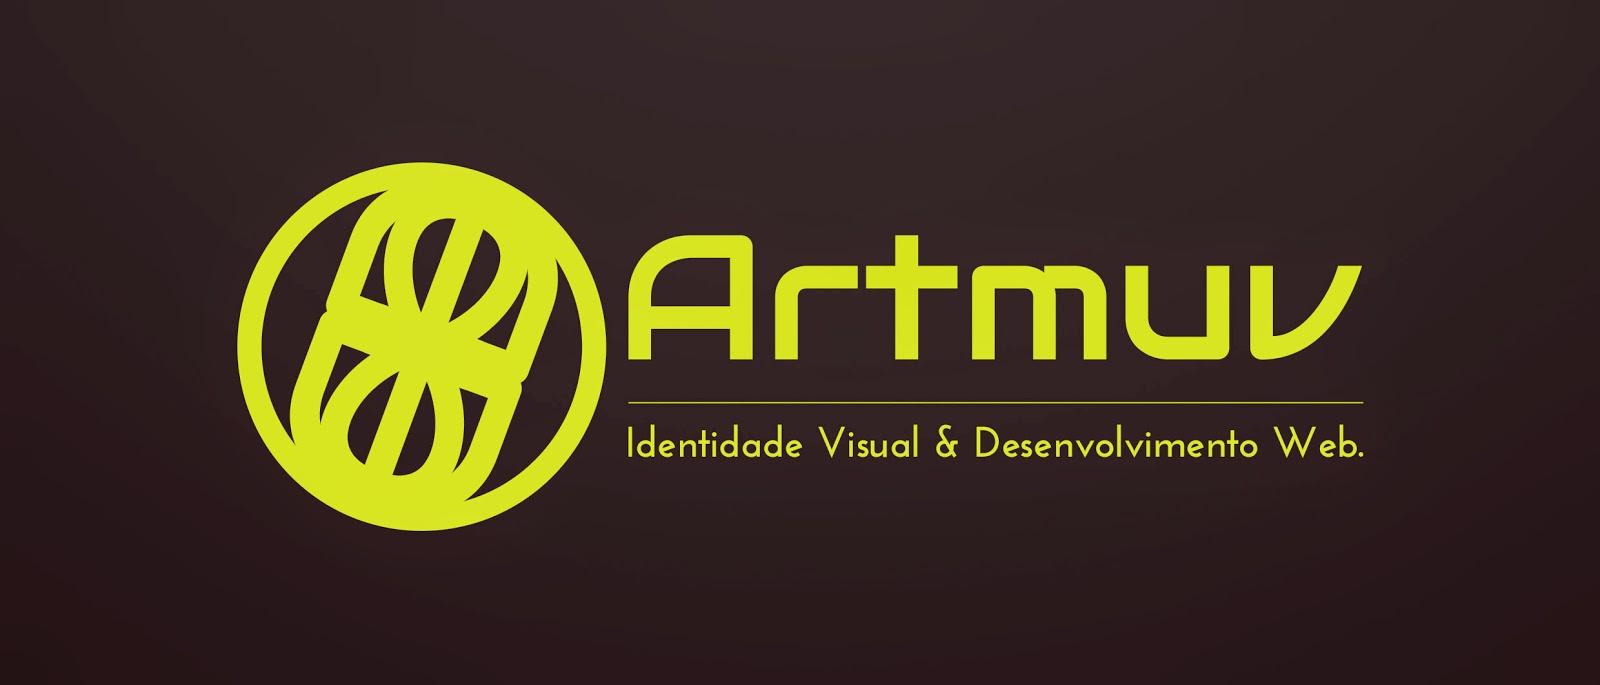 A R T M U V - Identidade Visual & Desenvolvimento Web